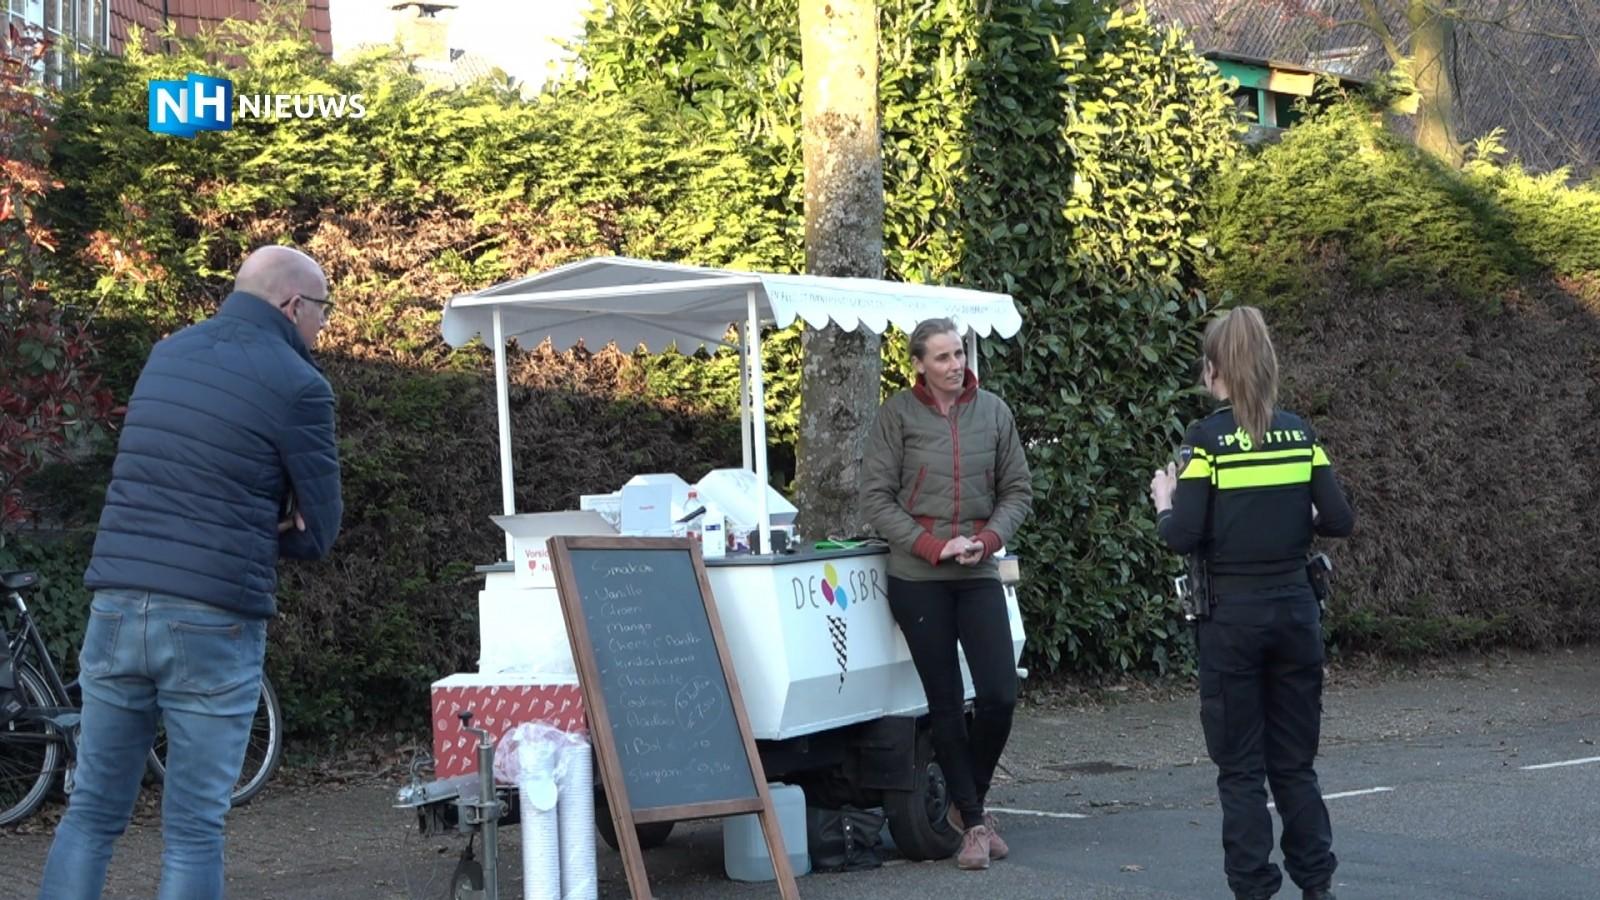 Goedbedoeld Bussums steuntje in de rug snel afgelopen: plots staan er agenten op de stoep